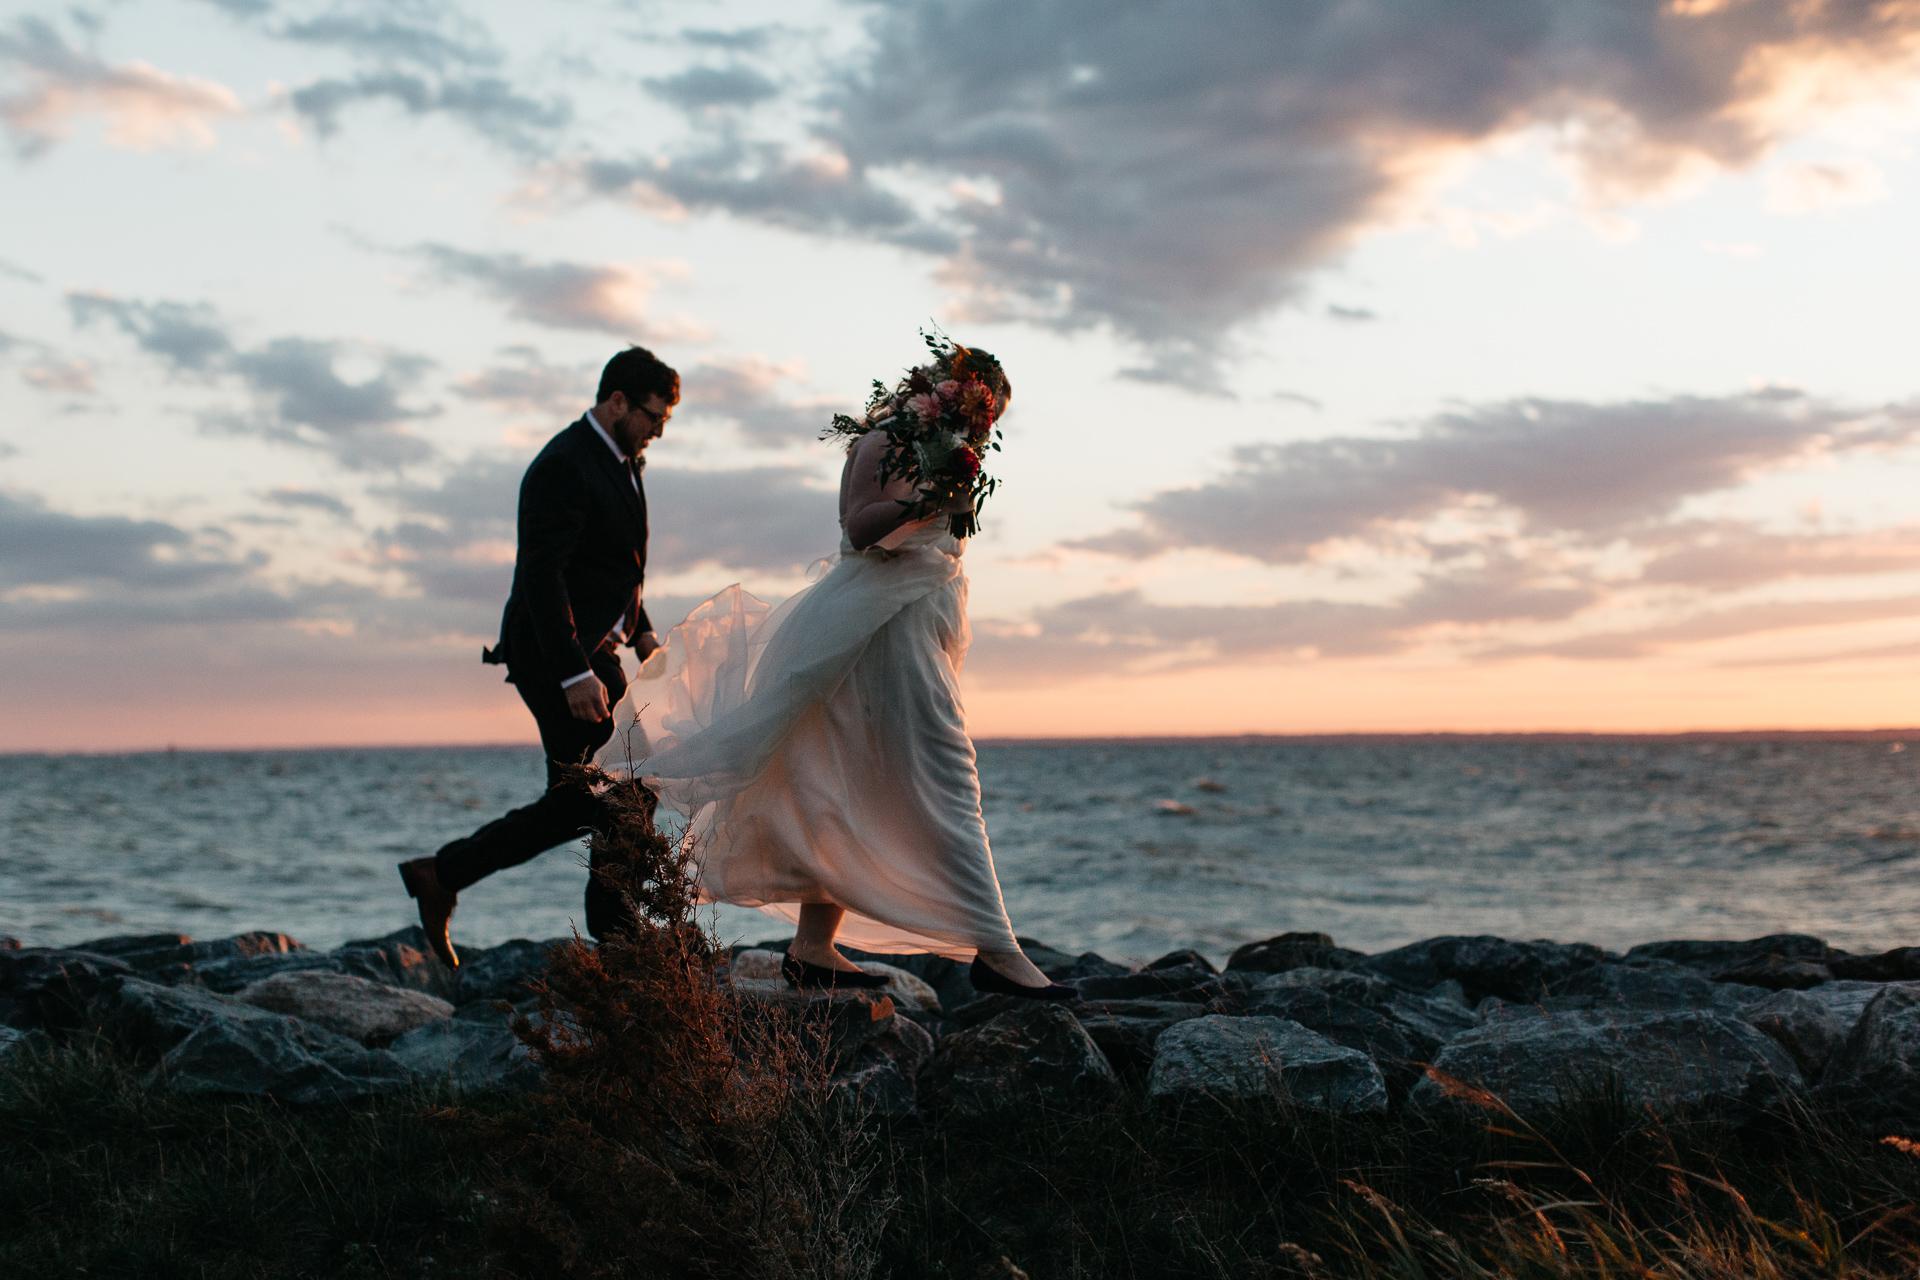 jess-hunter-tilghman-island-wedding-photographer-8364.jpg